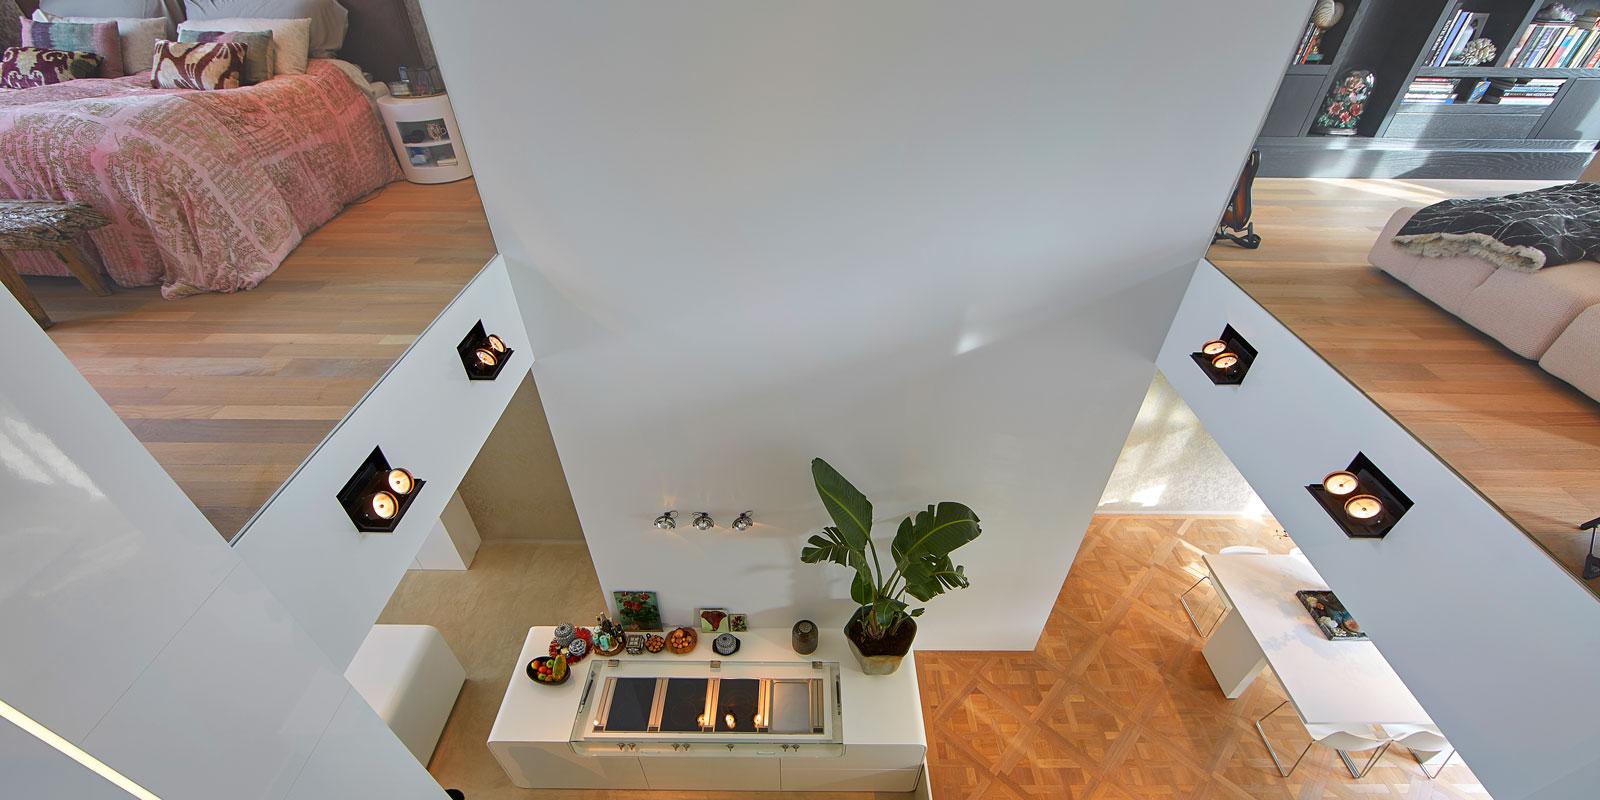 Vide, ruimtelijk, licht, hoogteverschil, grachtenpand, Bart van Wijk